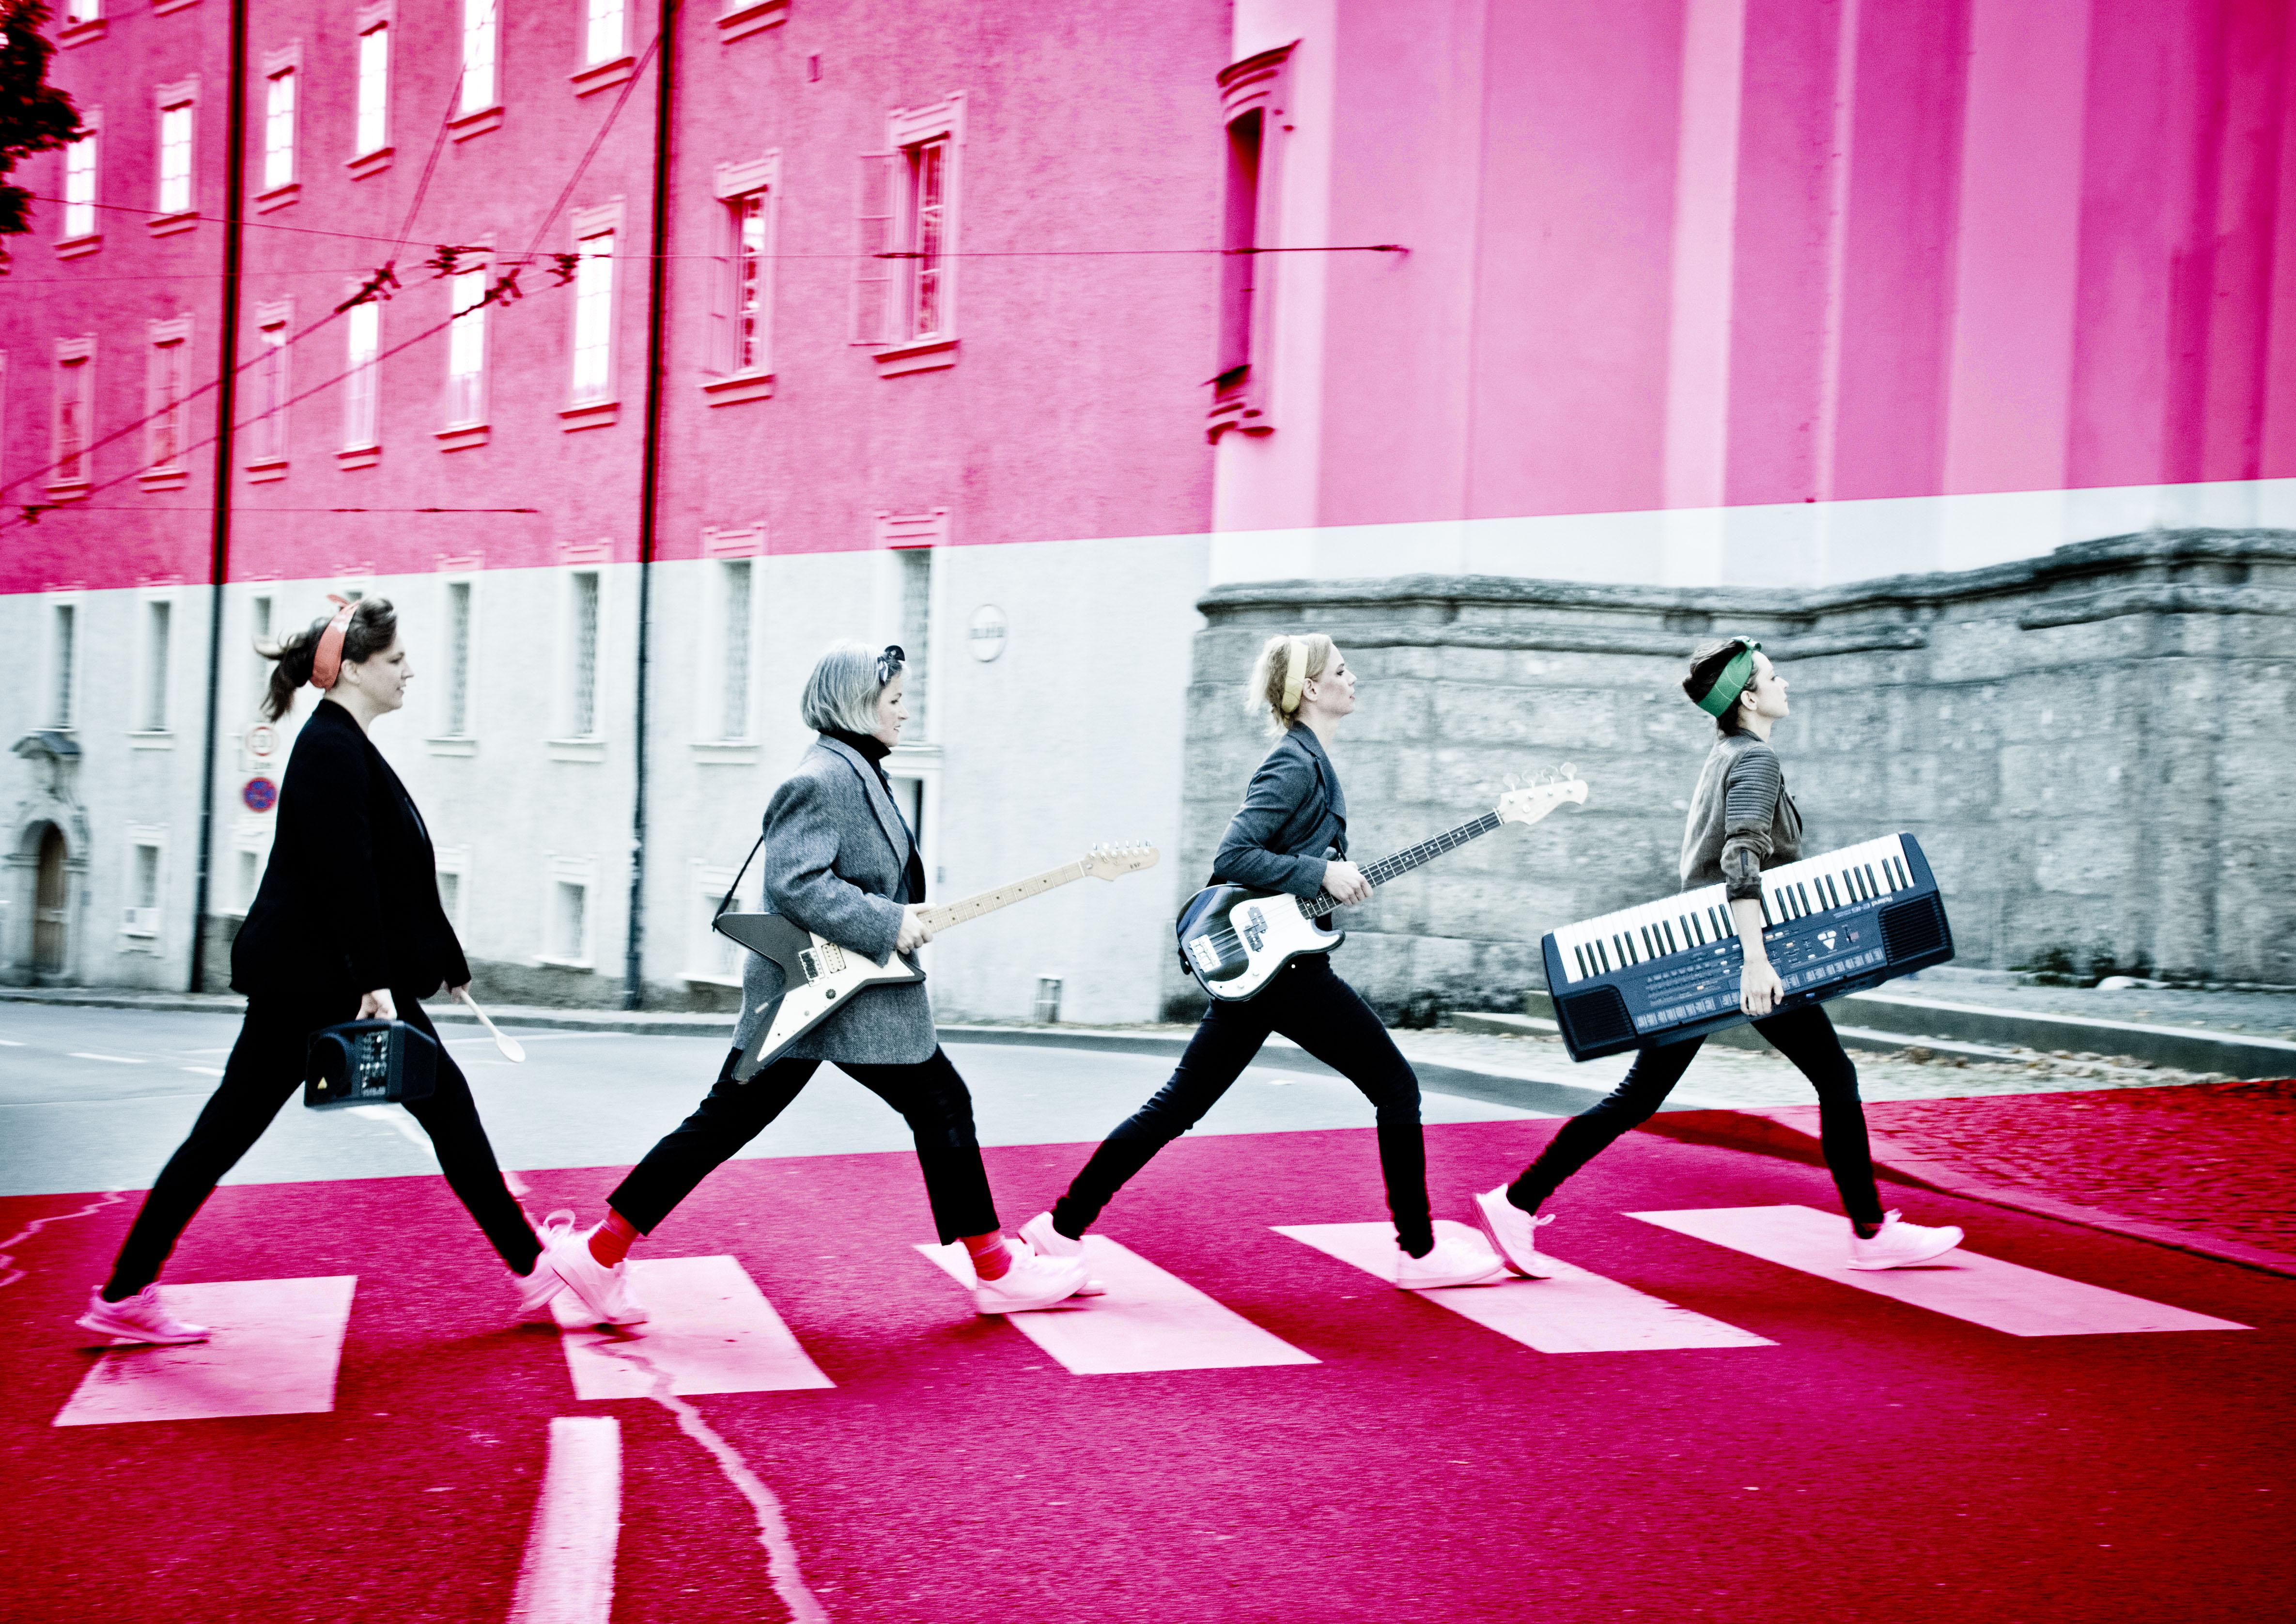 Austropopo_mix_-11_Flagge_pink_sujet_que